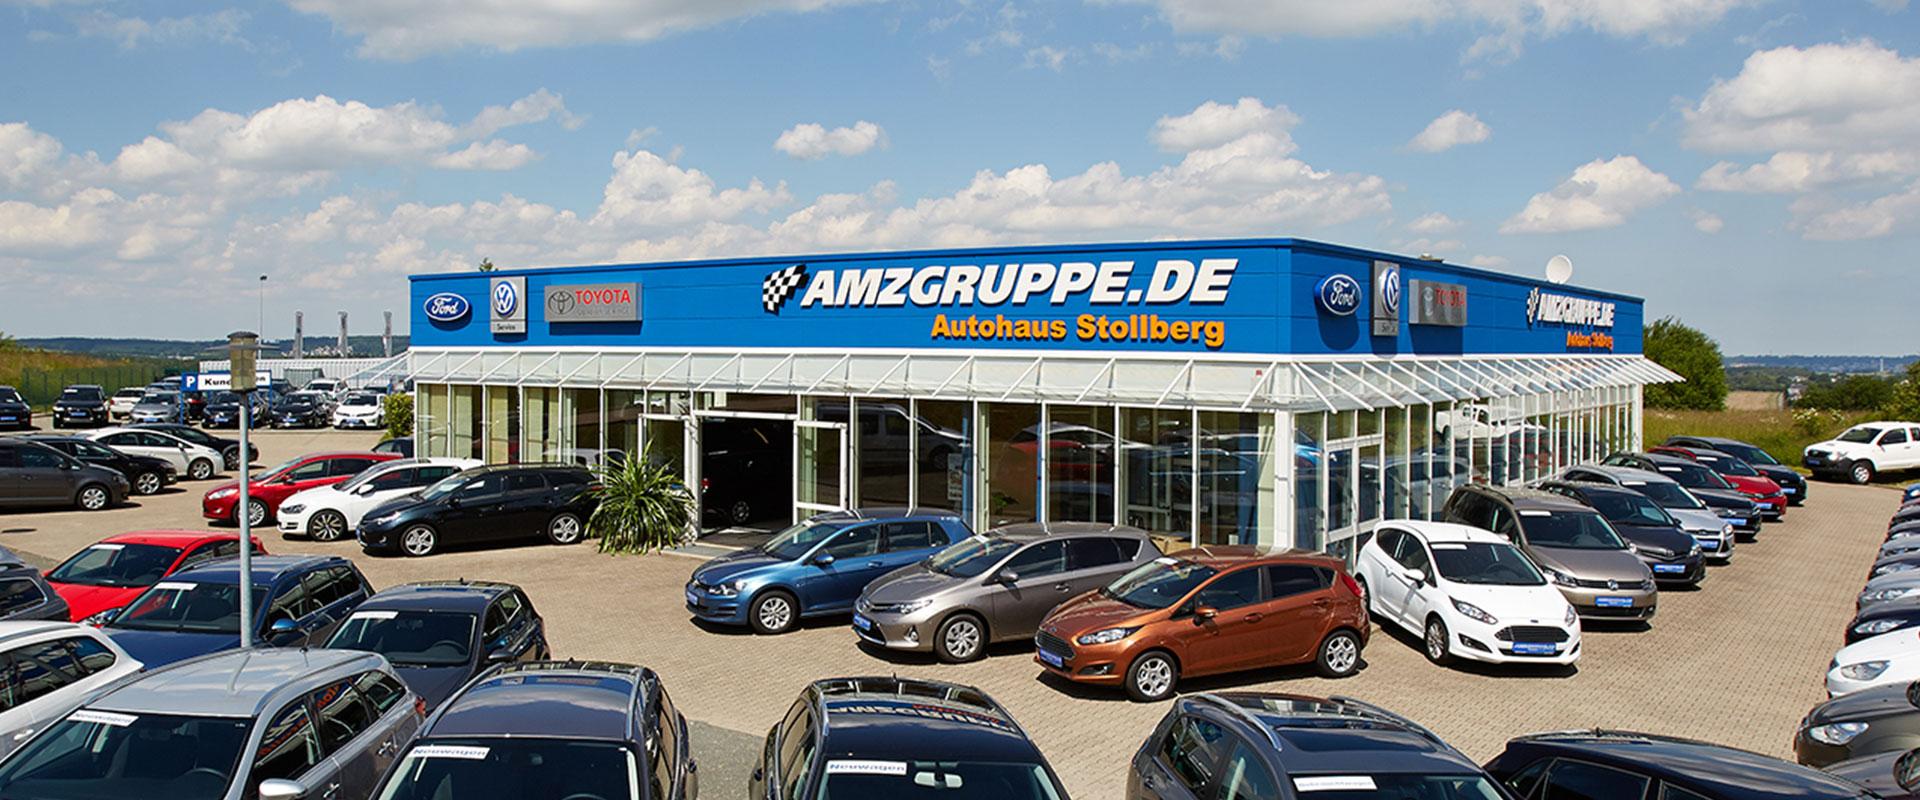 AMZGruppe-Stollberg-Autohaus Stollberg